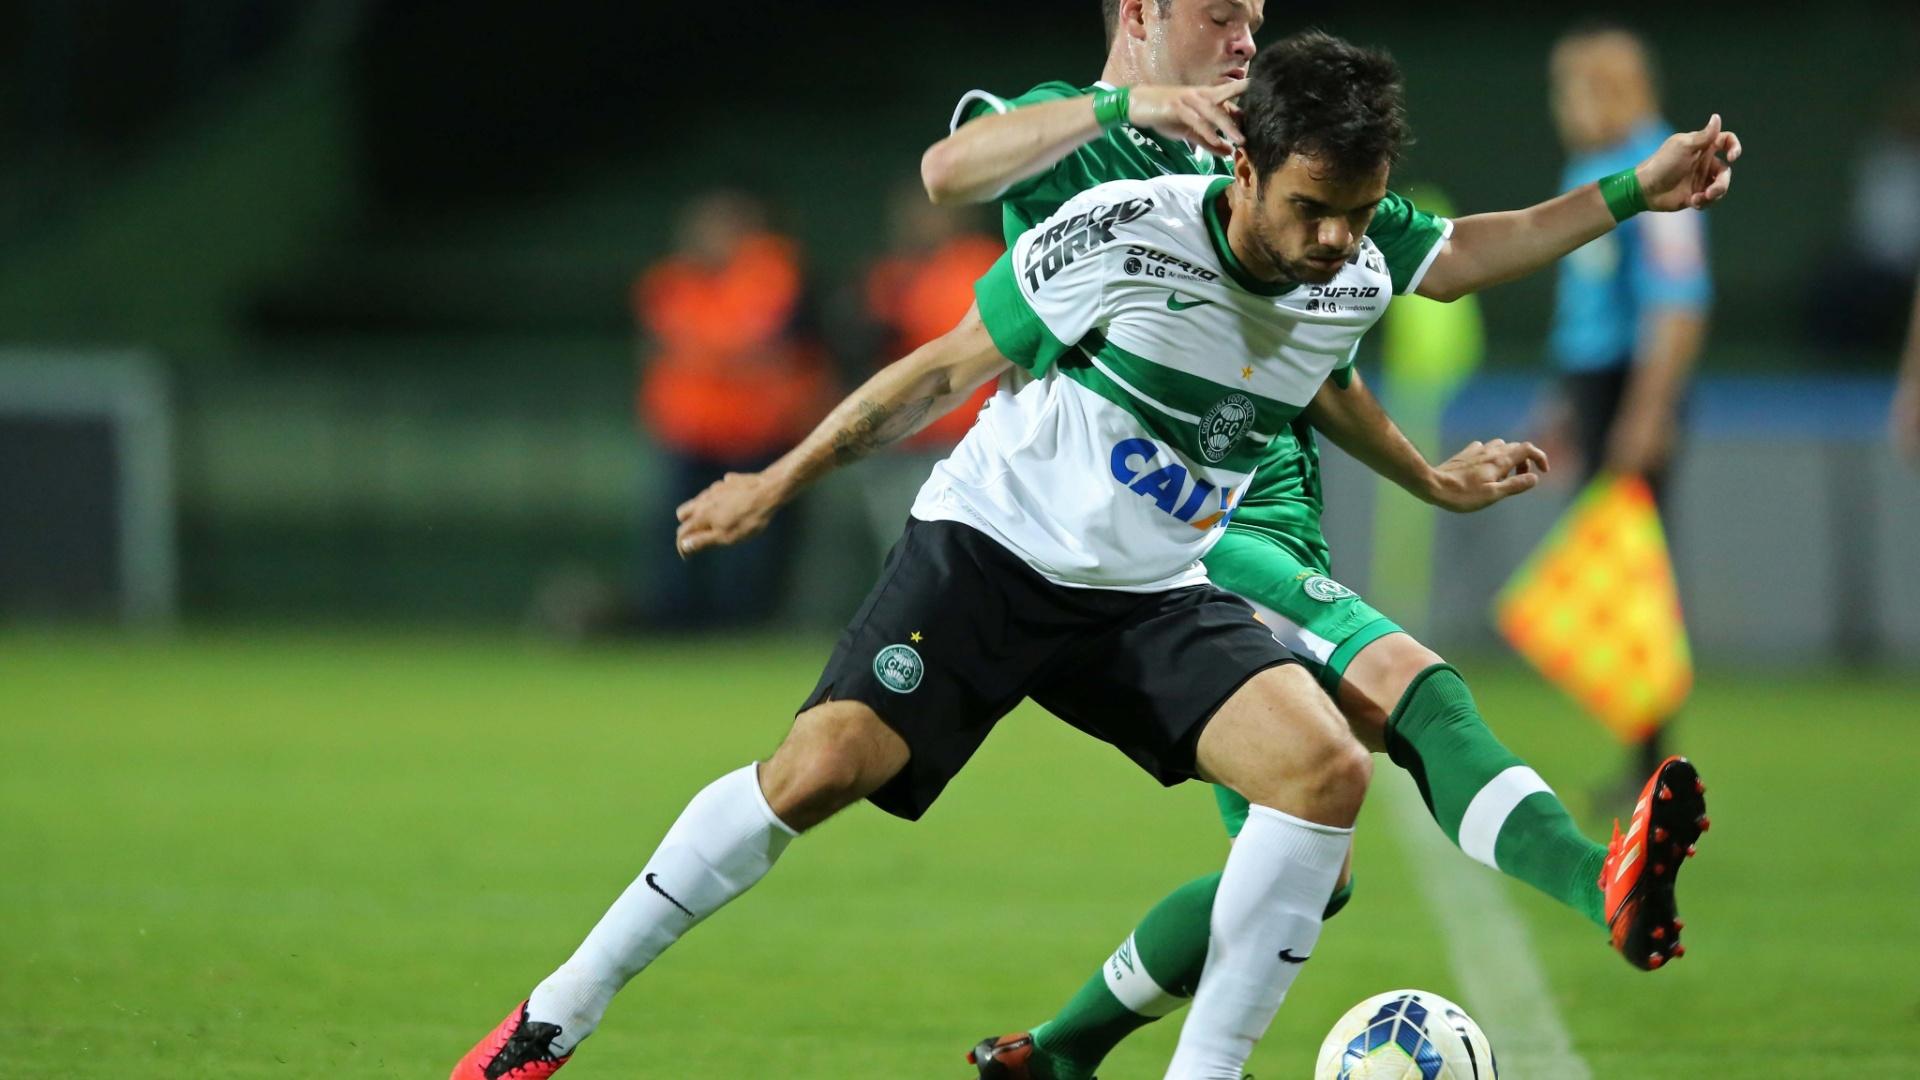 Norberto encara Tiago Luis em jogo do Coritiba contra a Chapecoense